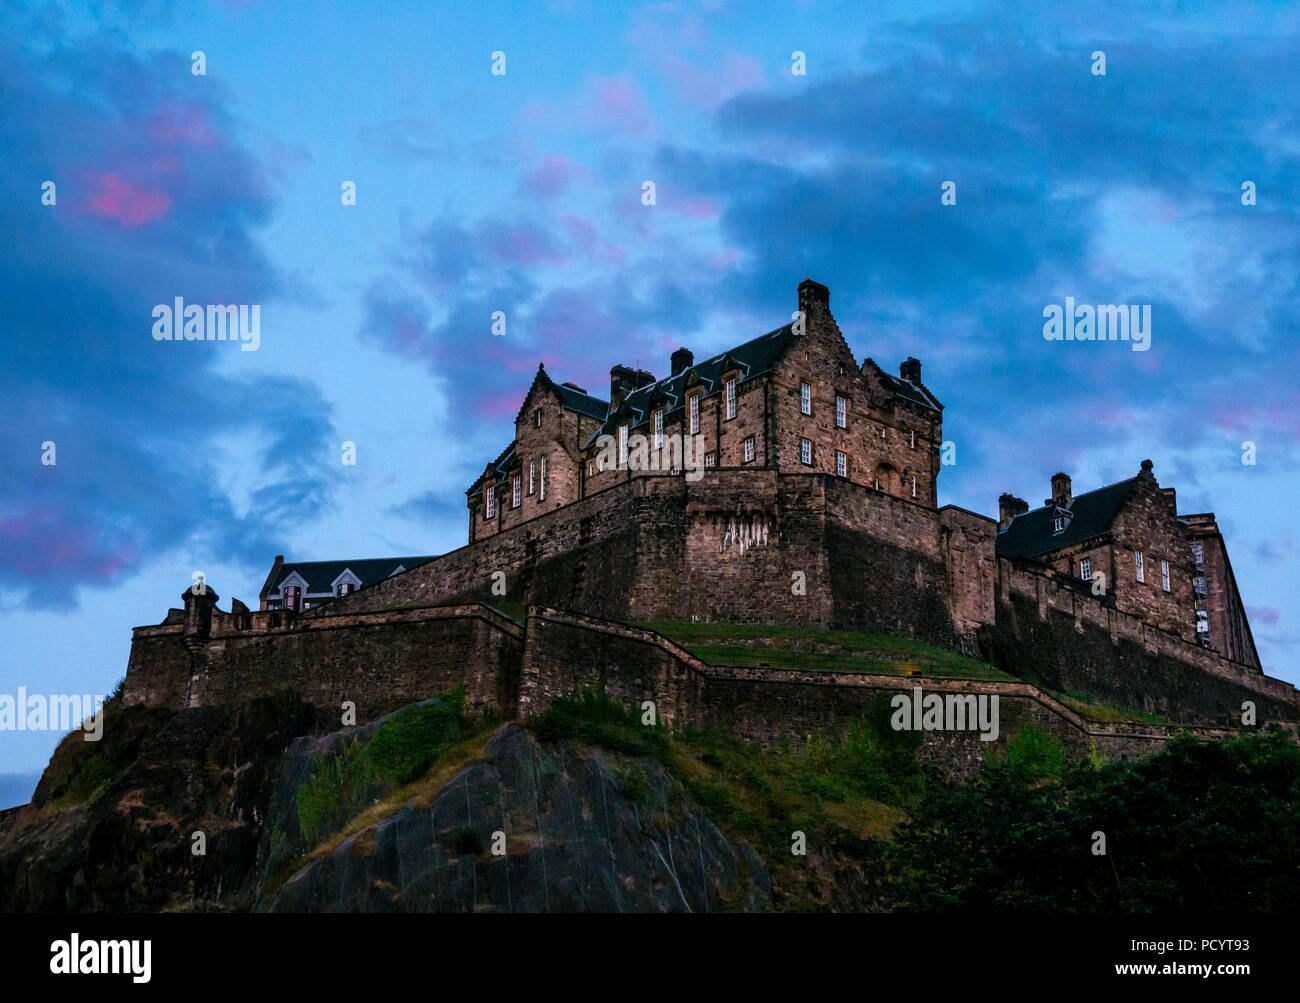 Das Edinburgh Castle Rock in der Dämmerung Sonnenuntergang mit dunkelblauen Himmel und rosa Wolken, Edinburgh, Schottland, Großbritannien Stockbild